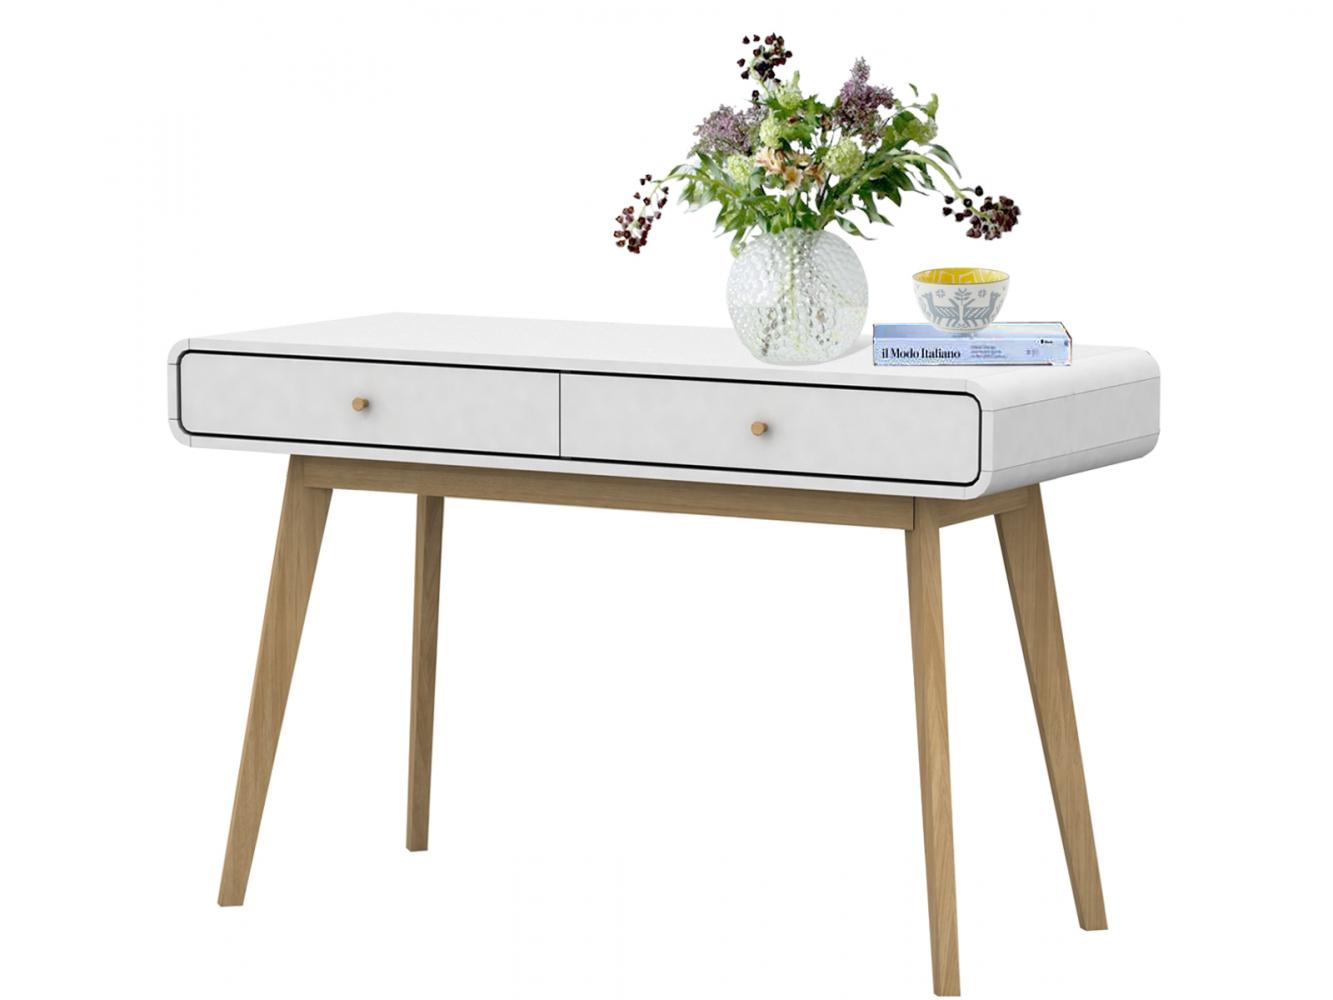 Pracovní stůl Calin, 120 cm, bílá